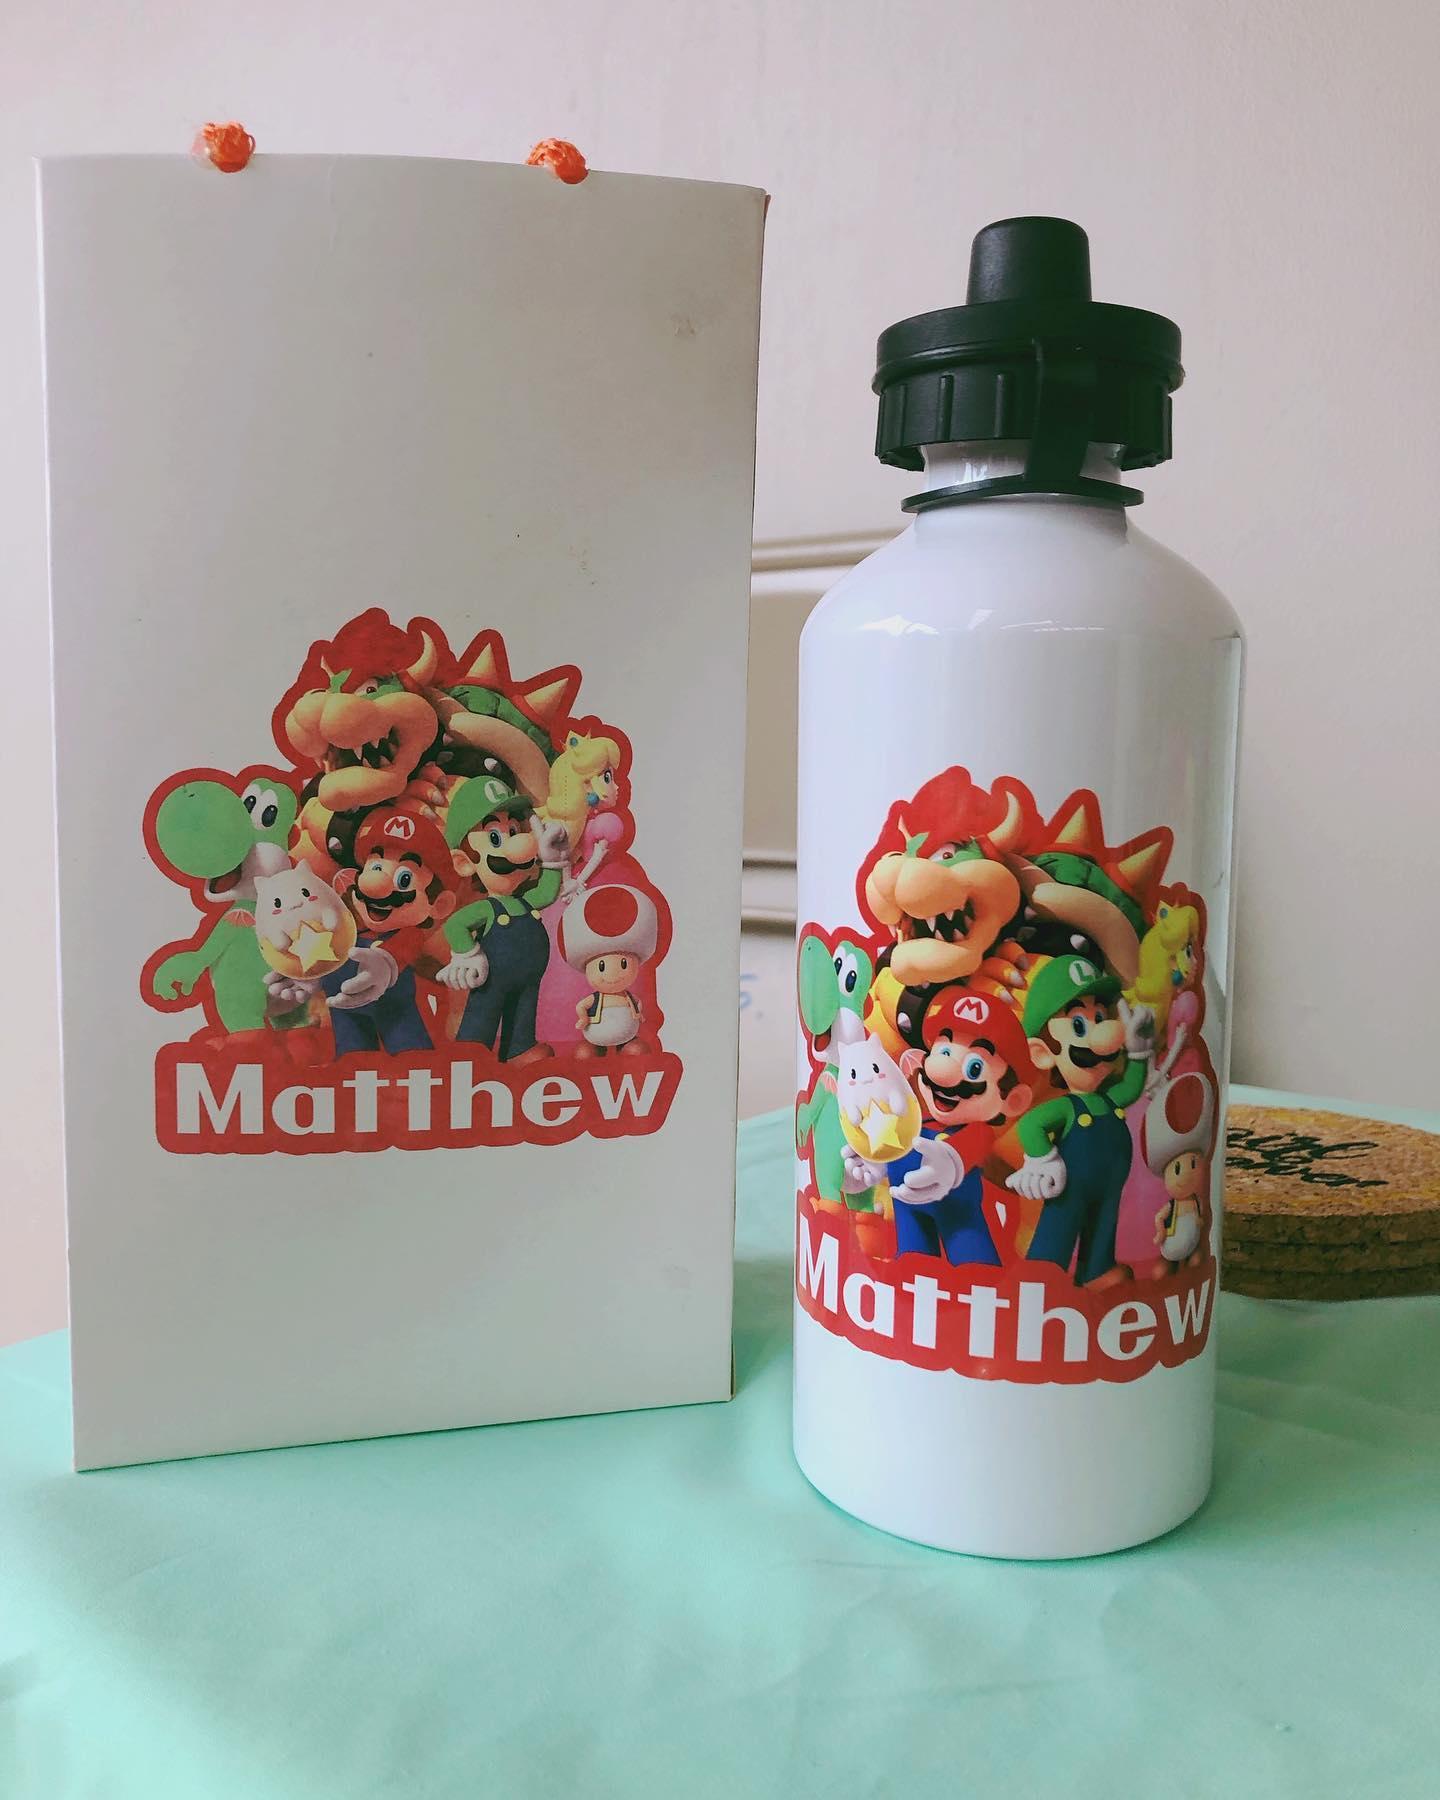 ¡Detalles súper especiales para los Niños! Botella con bolsita 100% personalizados